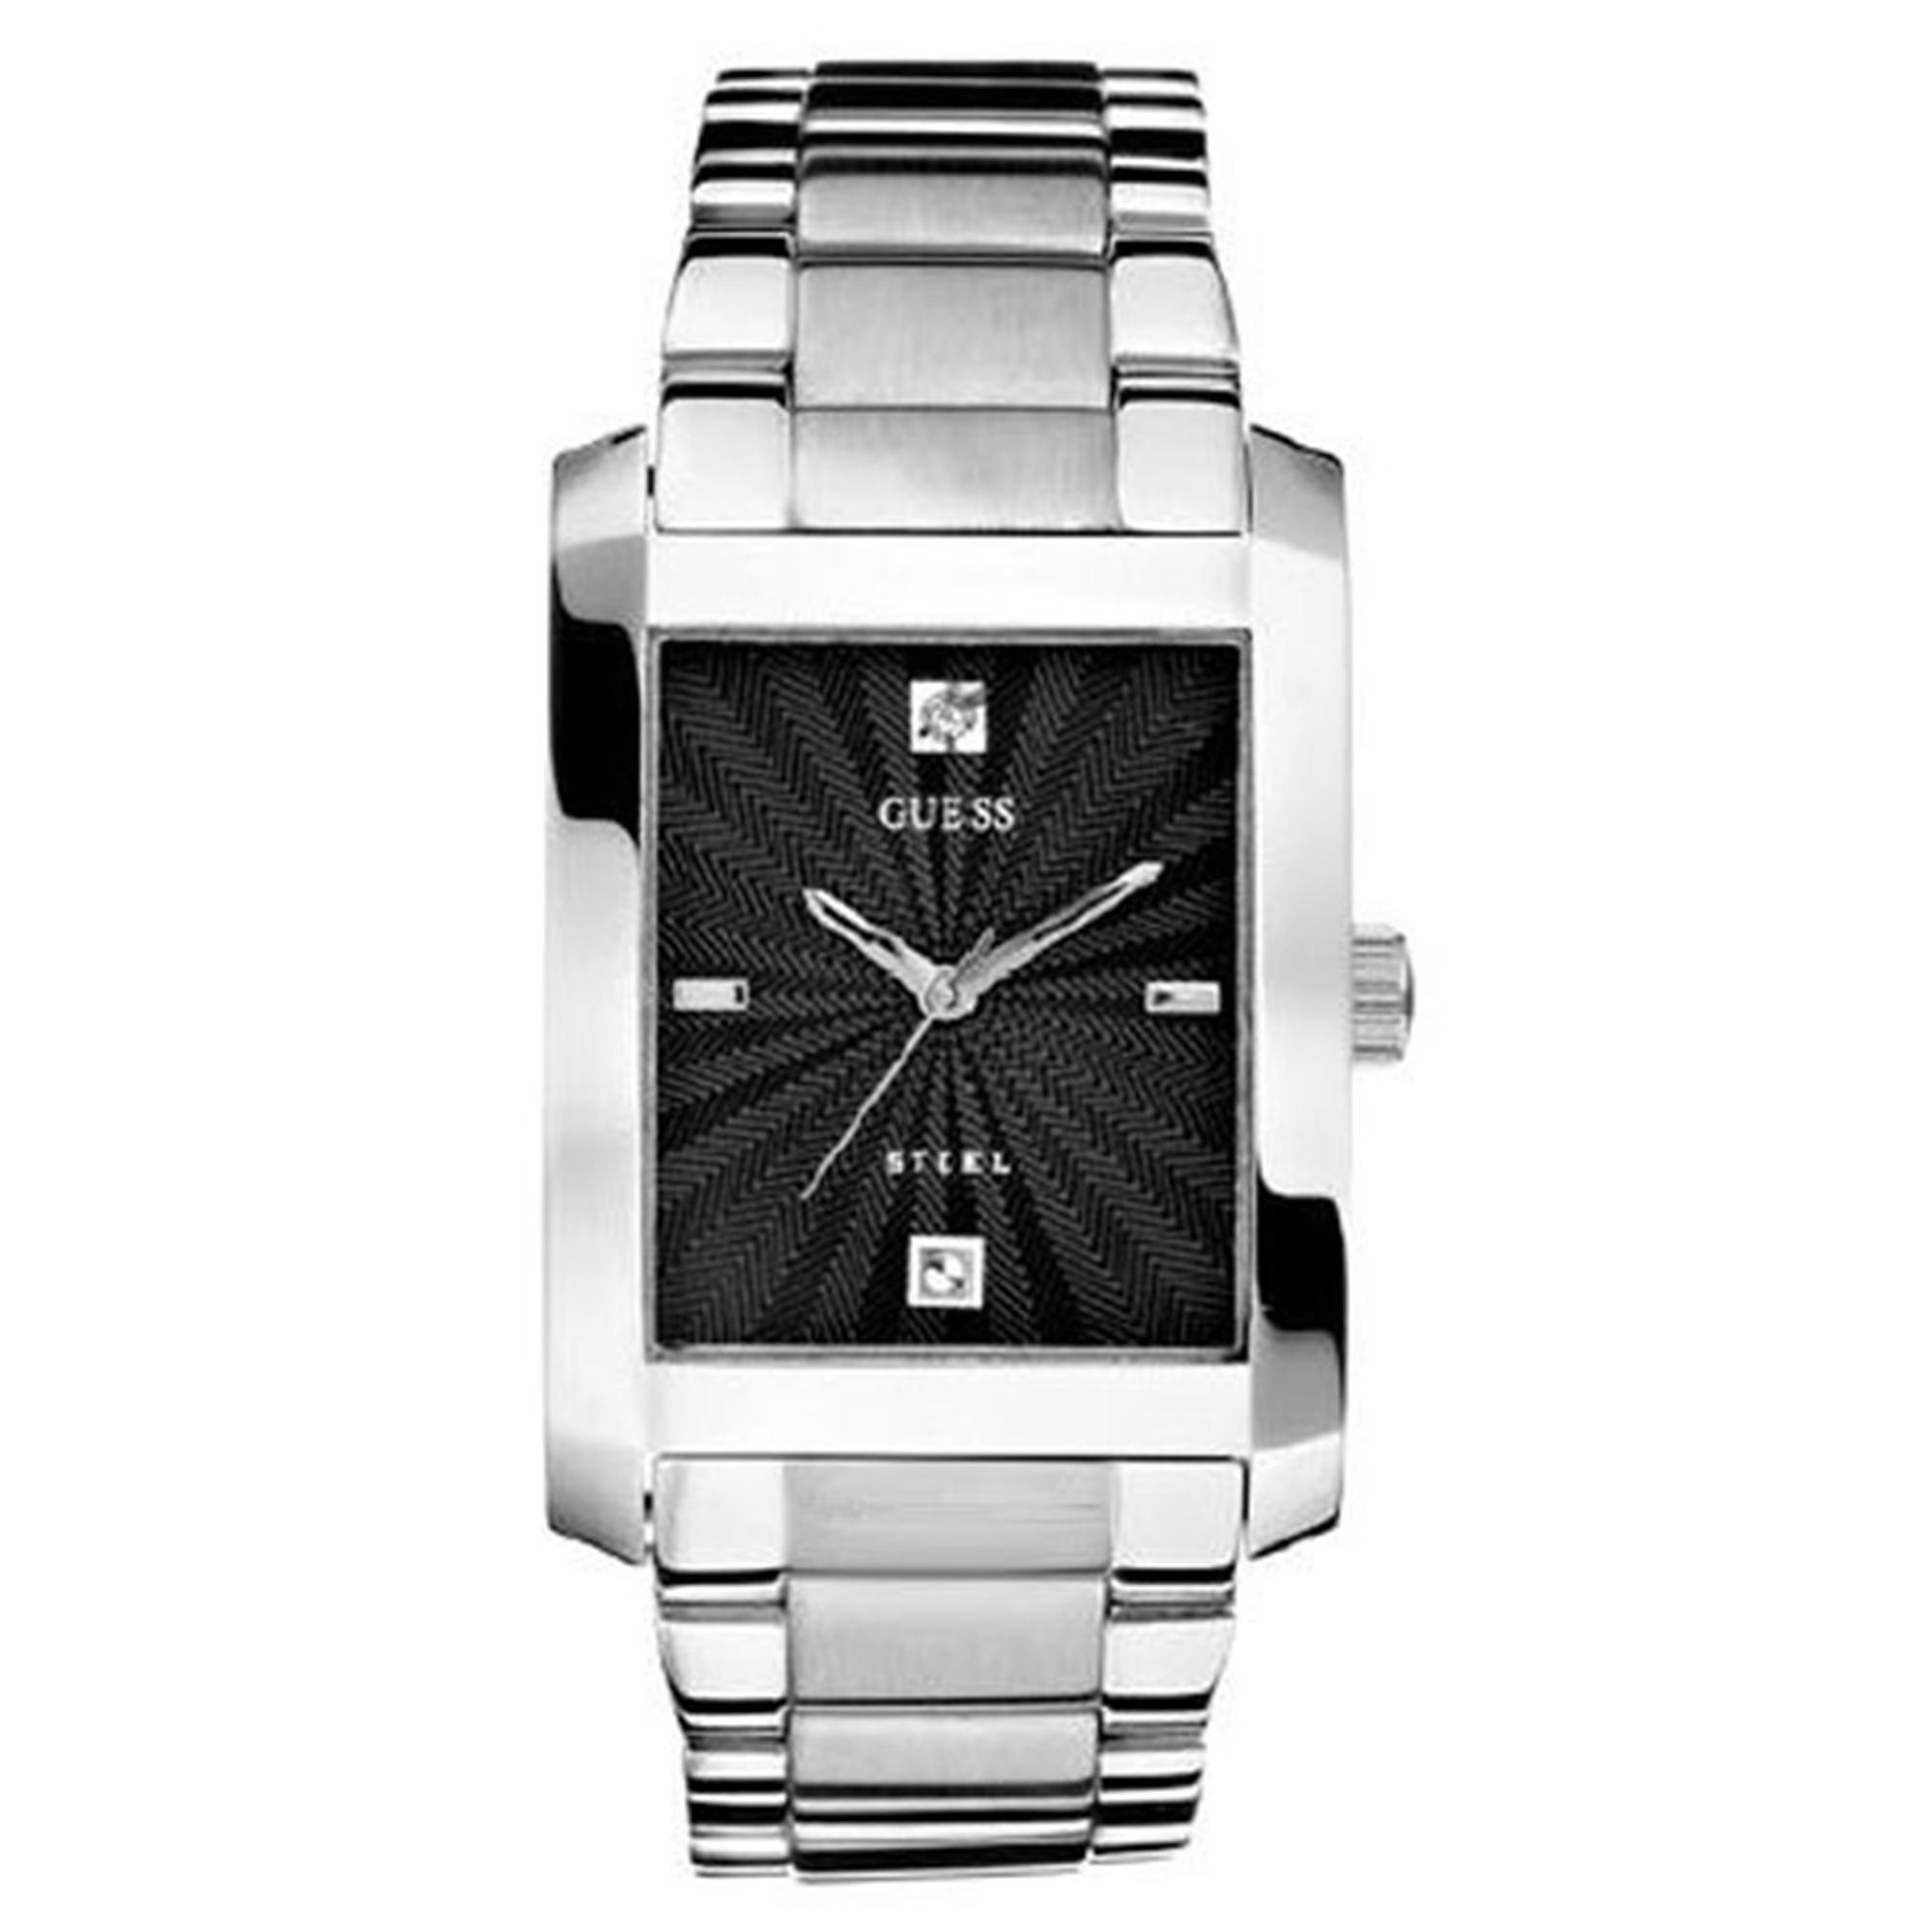 ساعت مچی عقربه ای مردانه گس مدل W10111G1